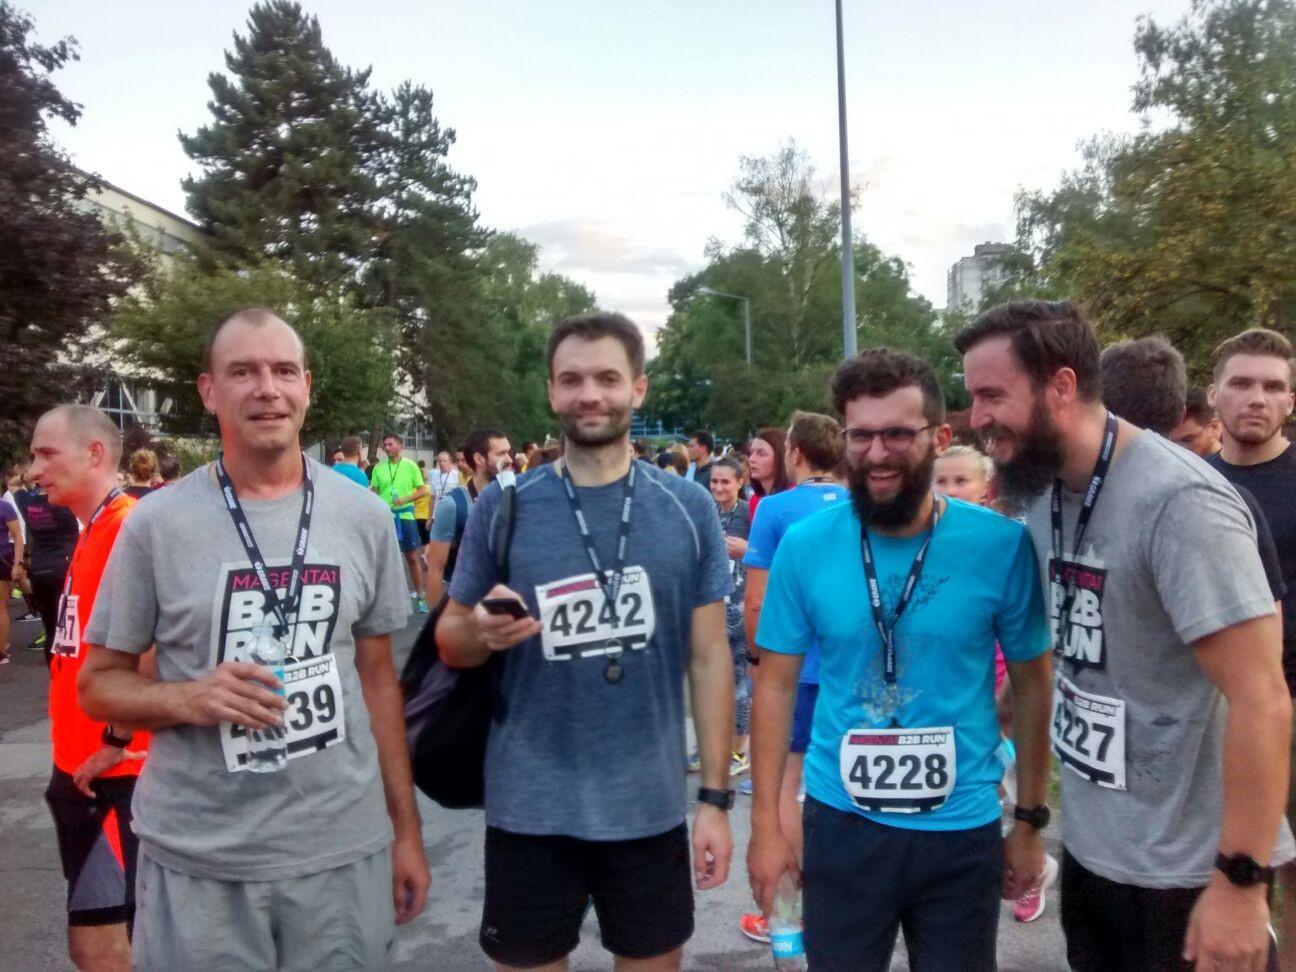 B2B Run 2017